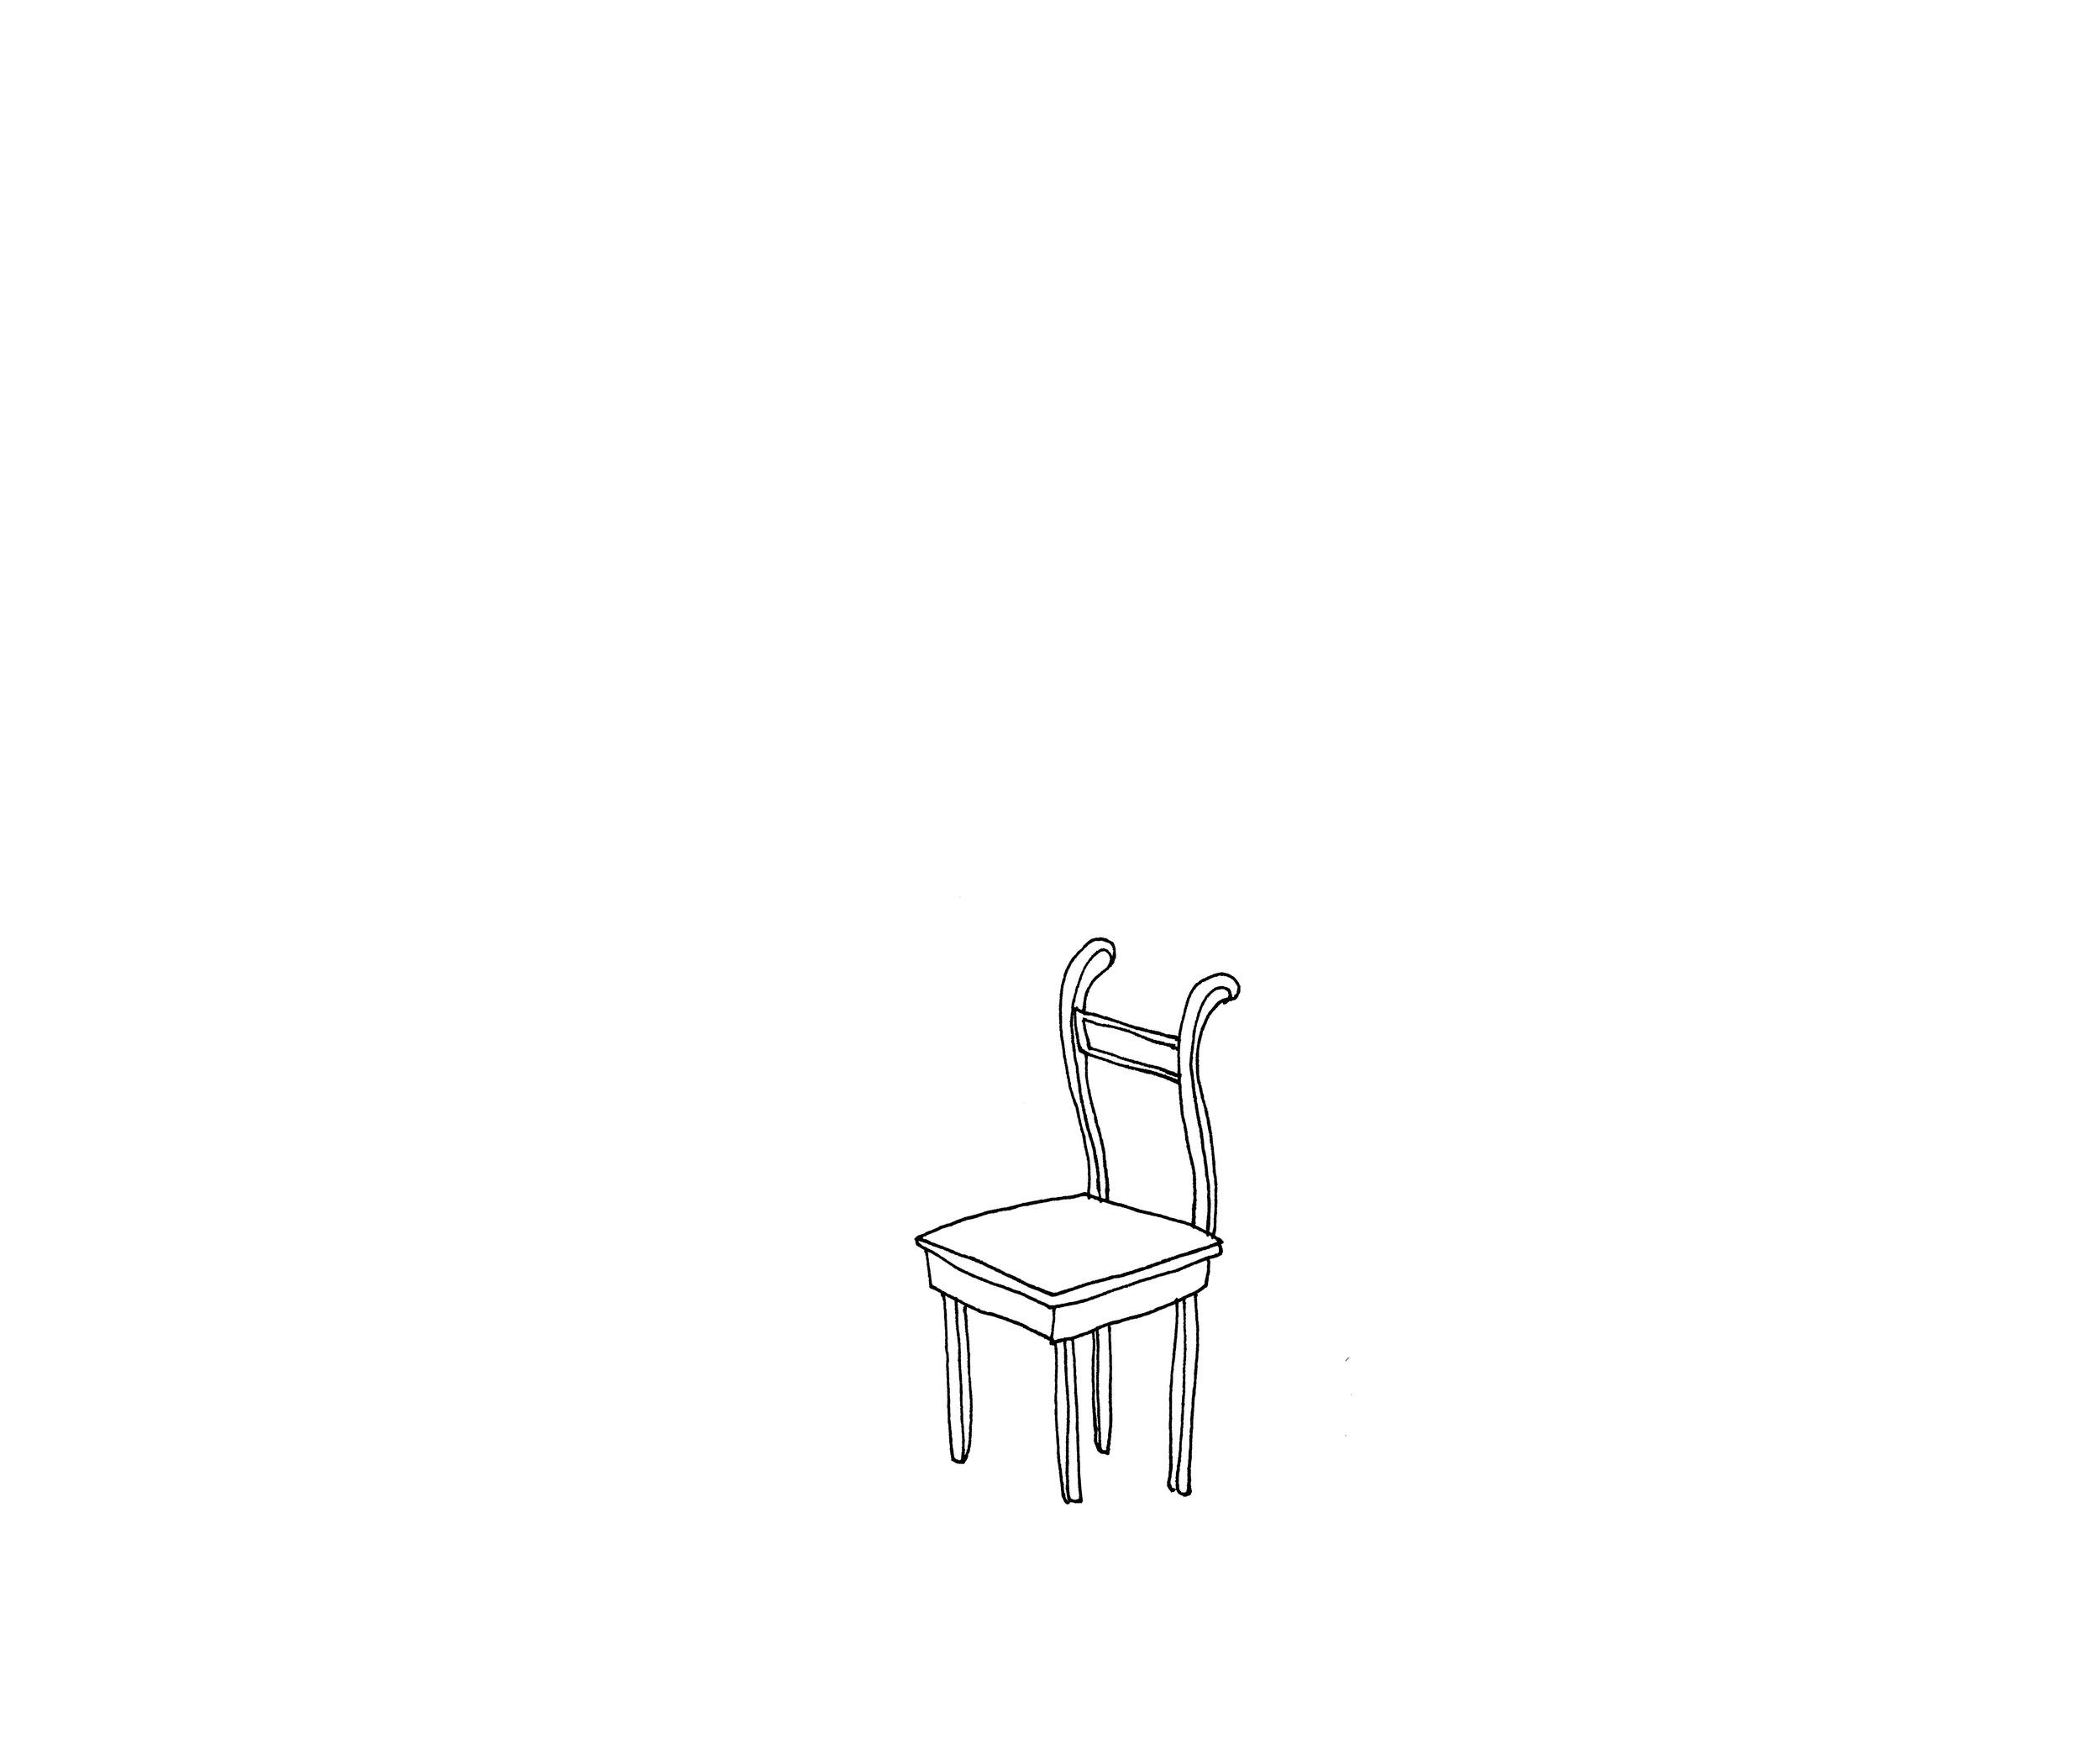 elem ente_Seite_23.jpg